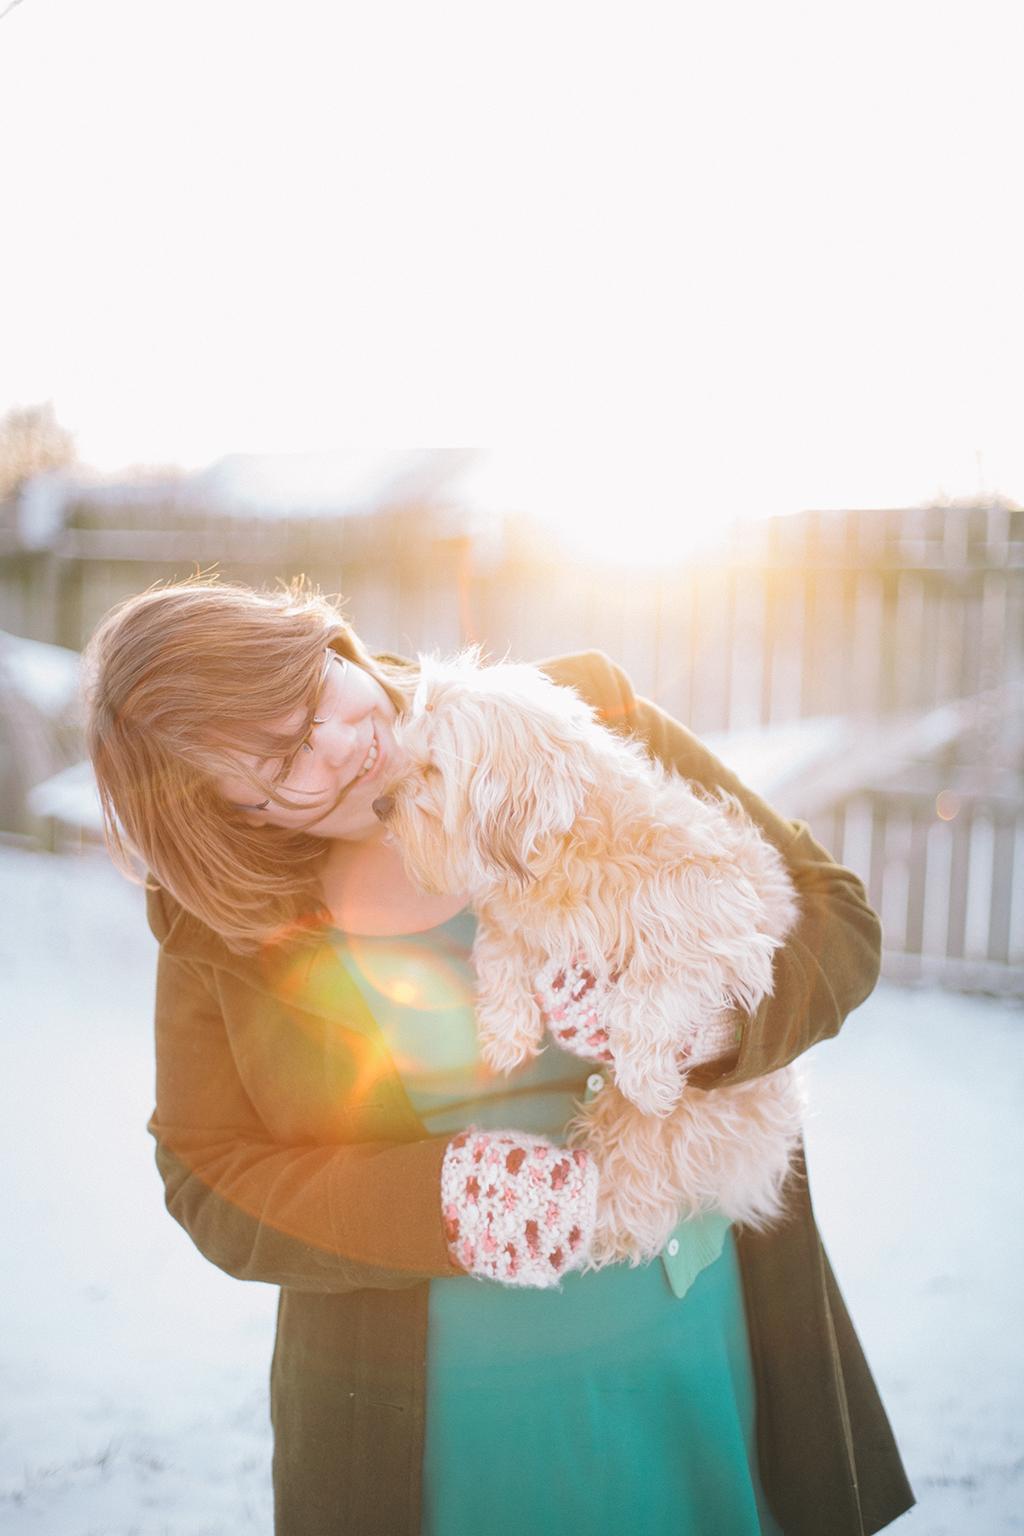 jessica_puppygirl_8